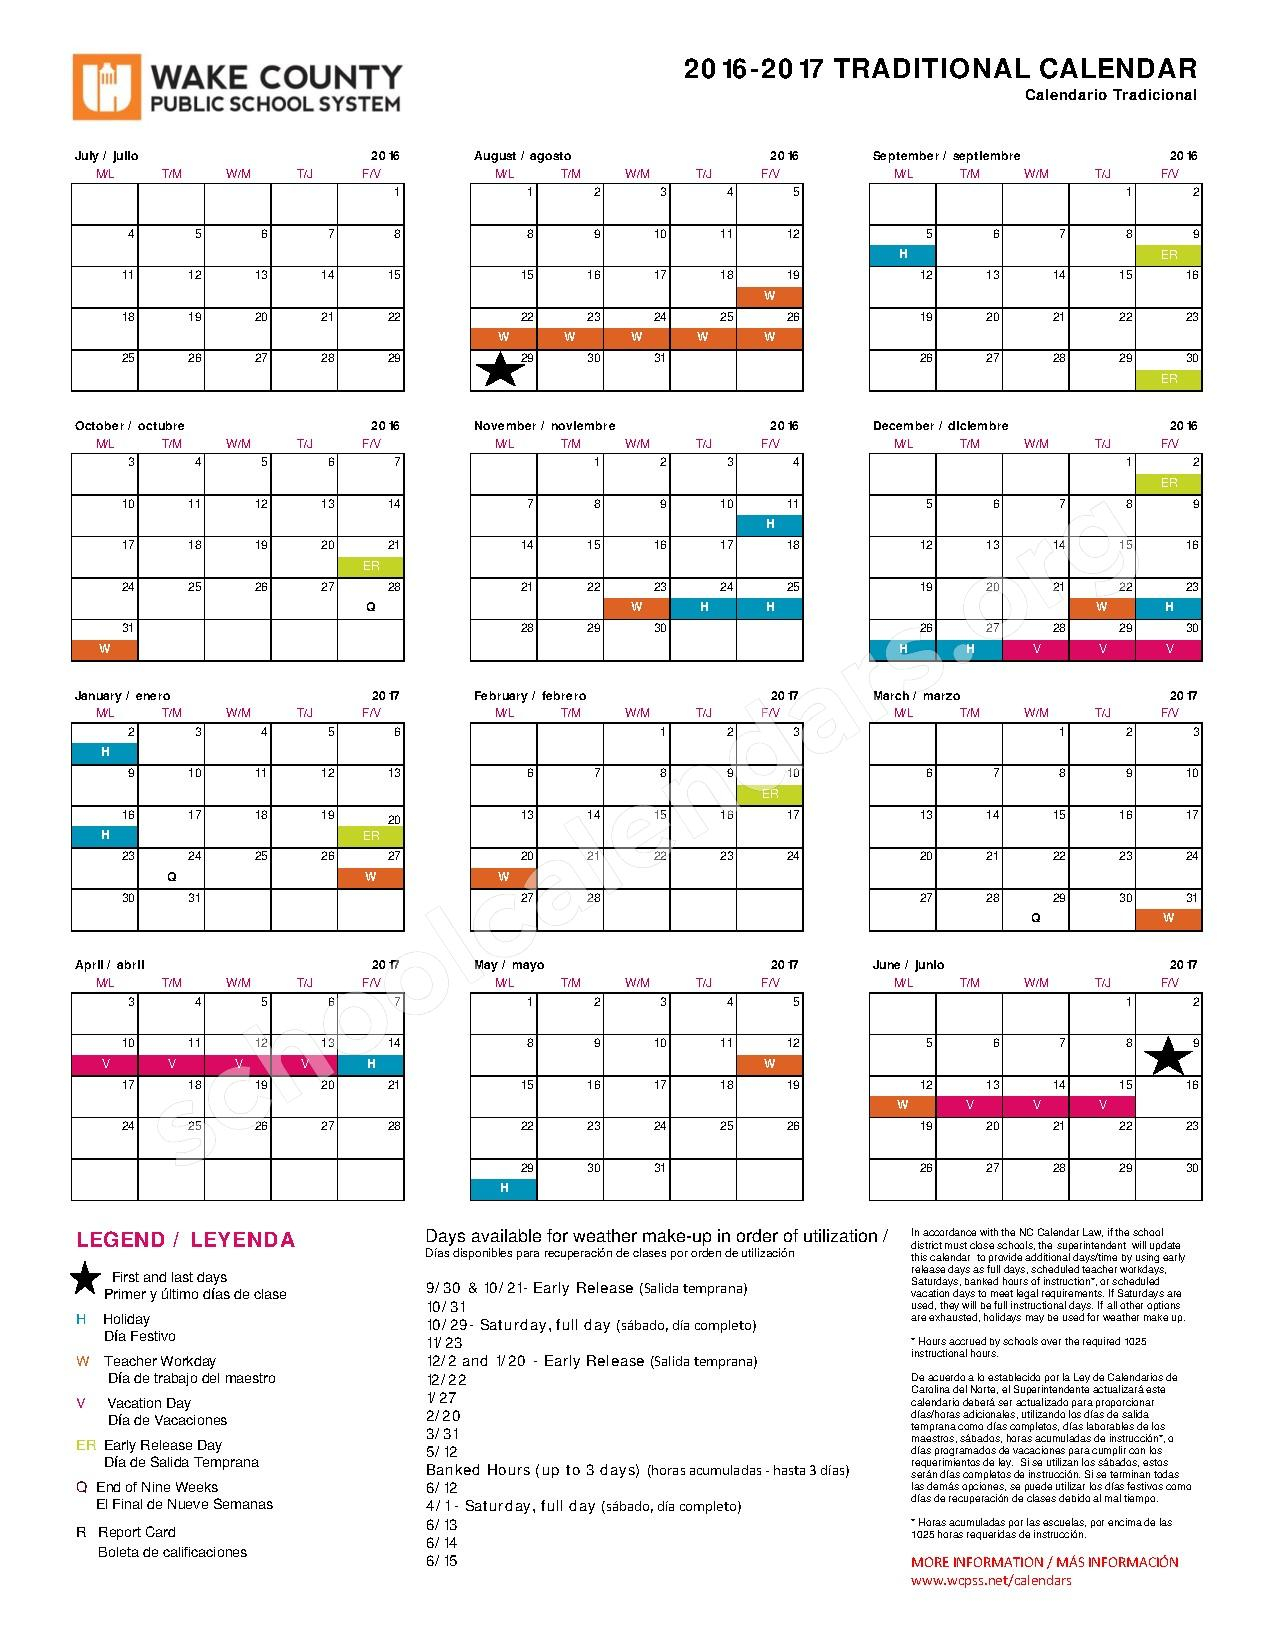 Durham Public Schools Year Round Calendar Inside Durham Co Schools Traditional Calendar